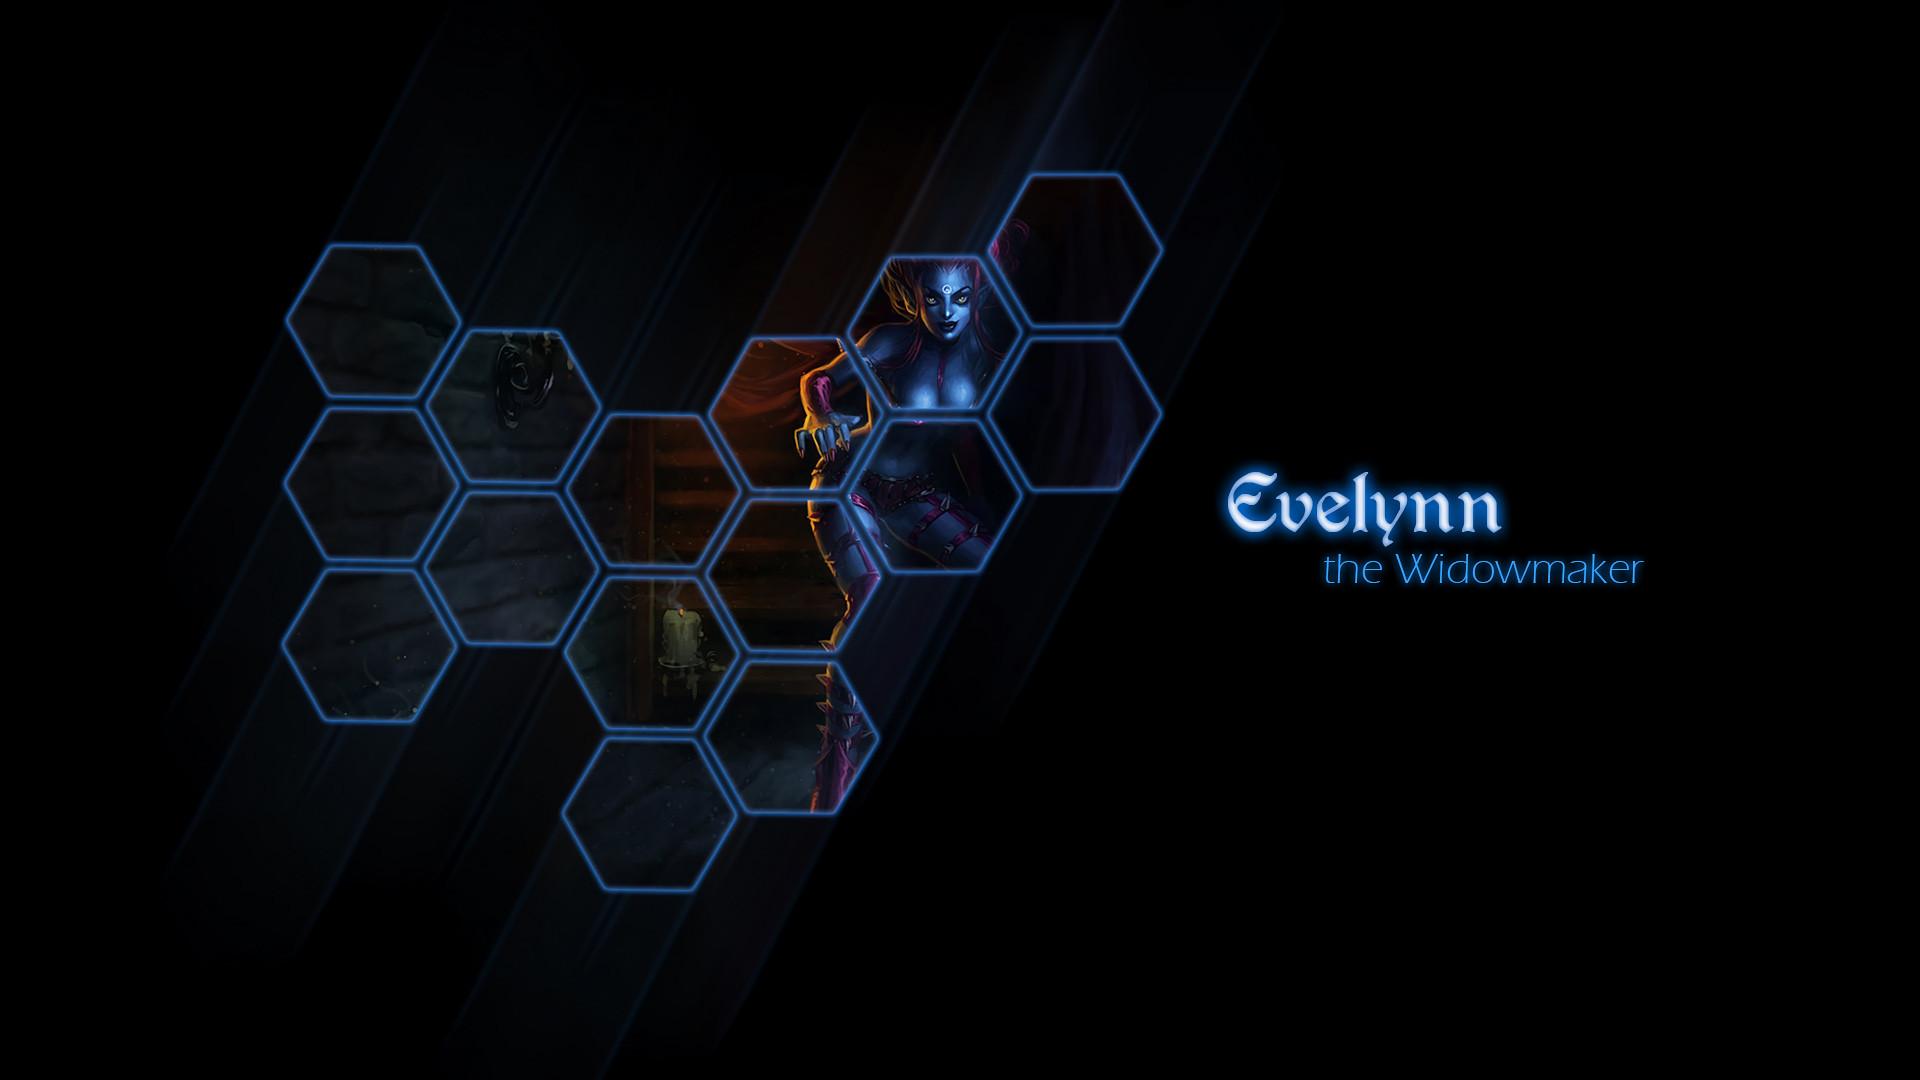 Evelynn by muamerART HD Wallpaper Fan Art Artwork League of Legends lol